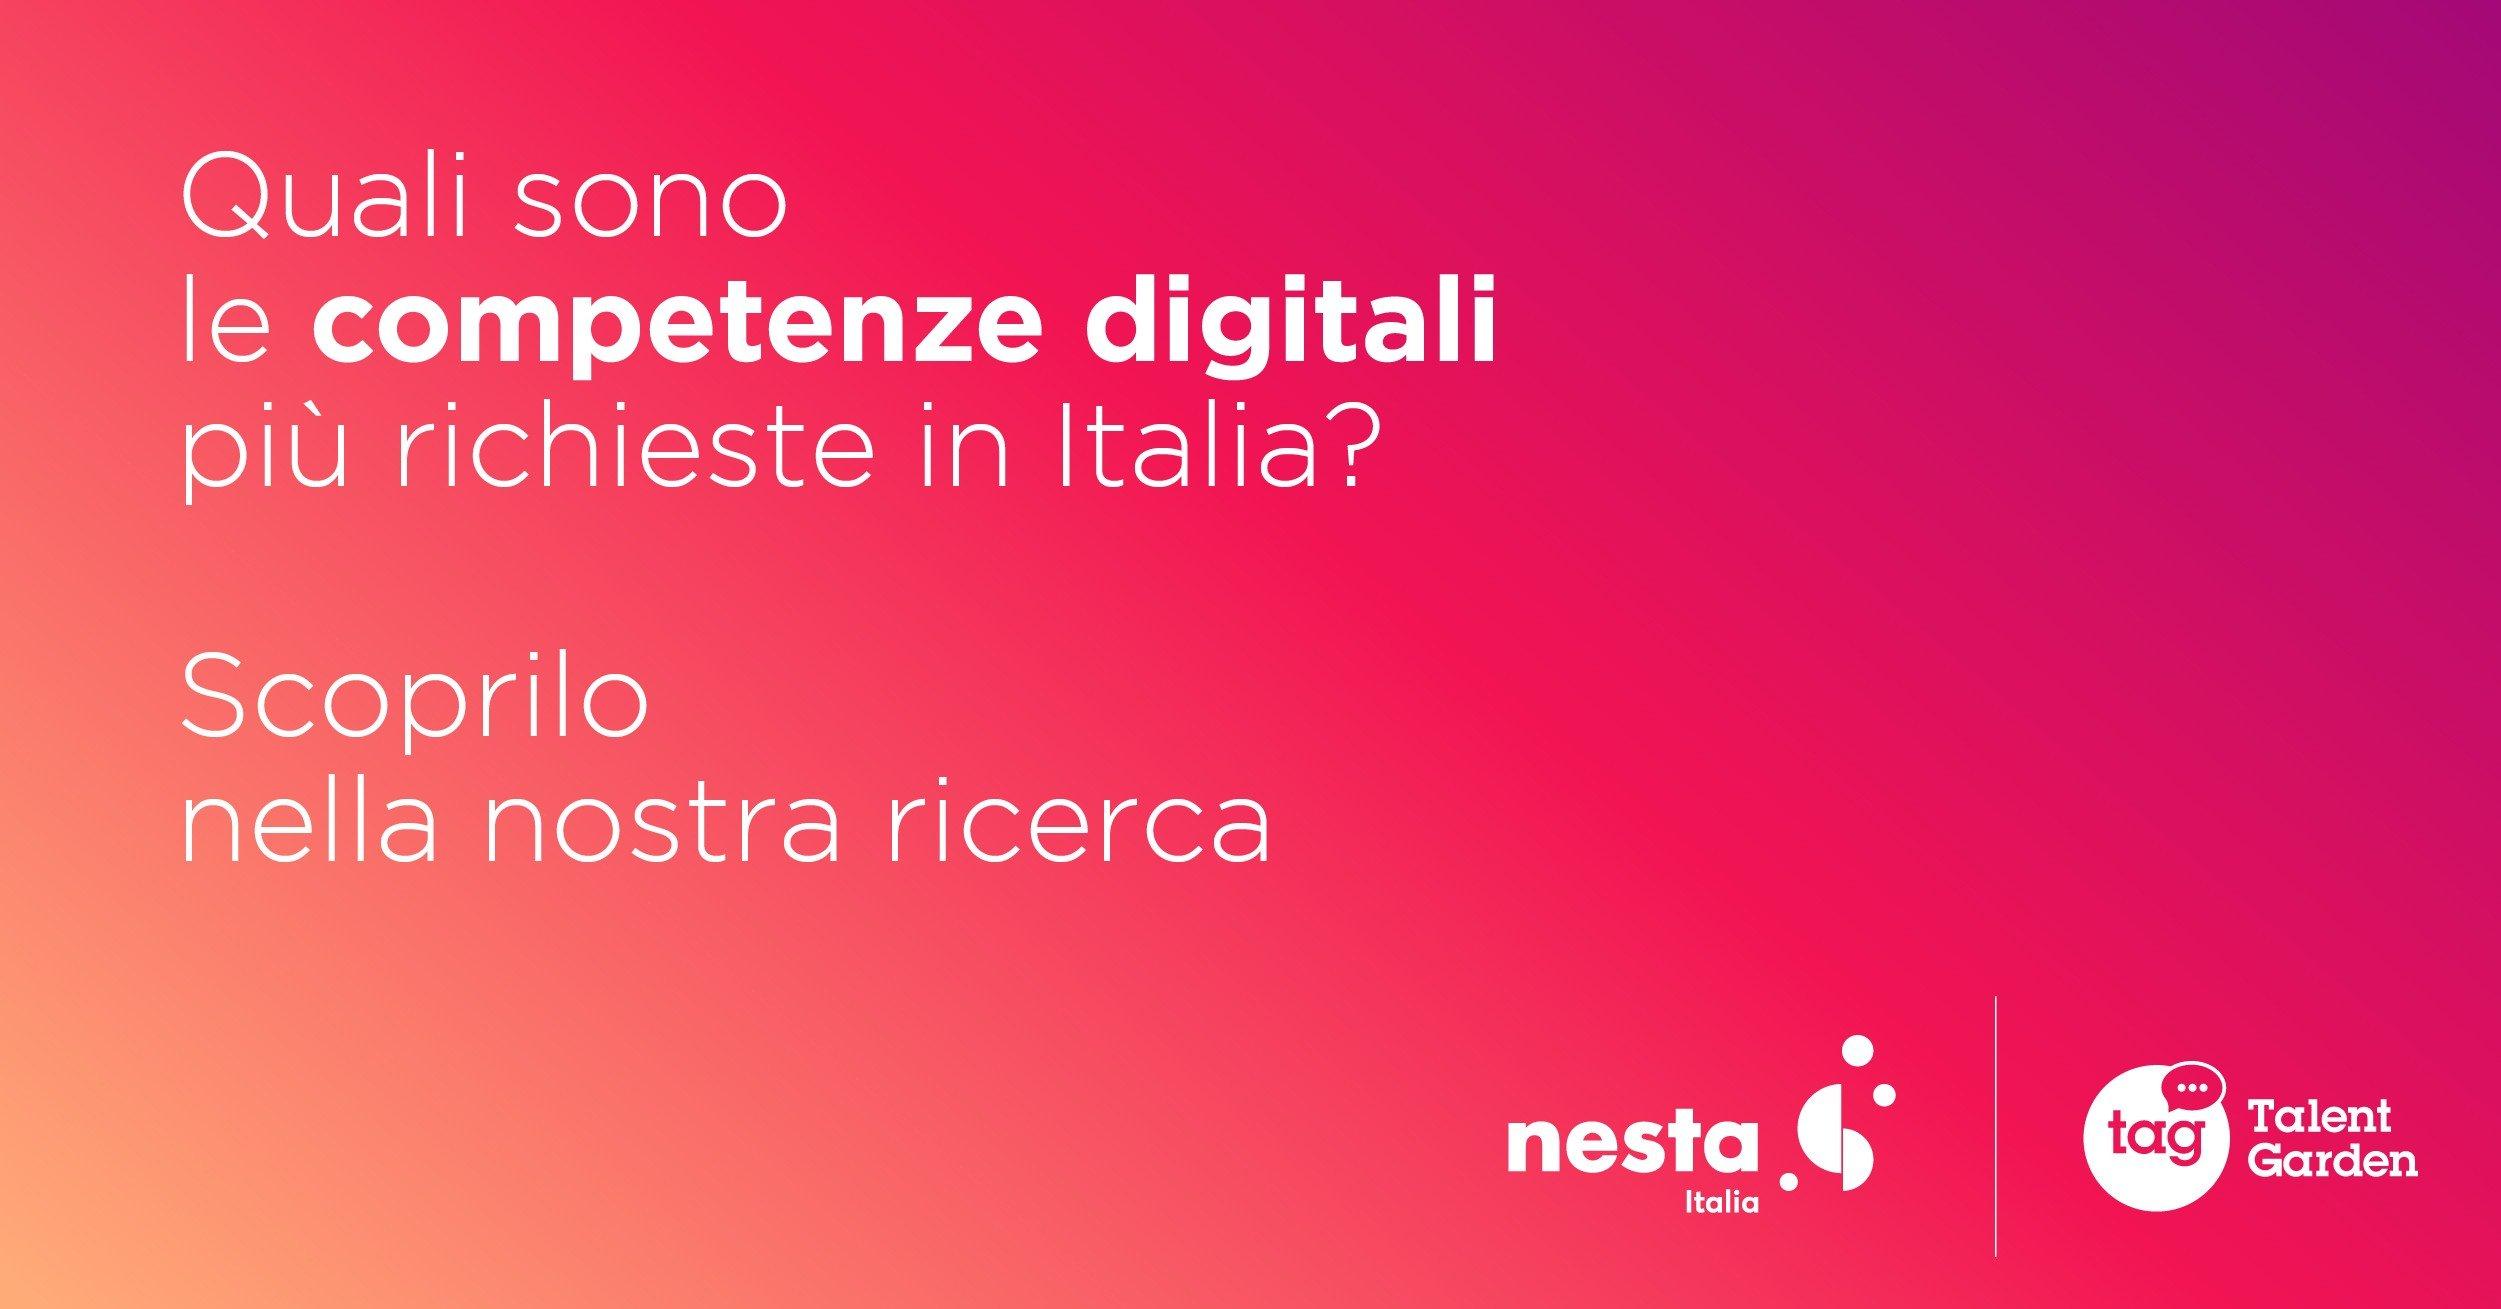 Competenze digitali: ecco le più richieste in Italia